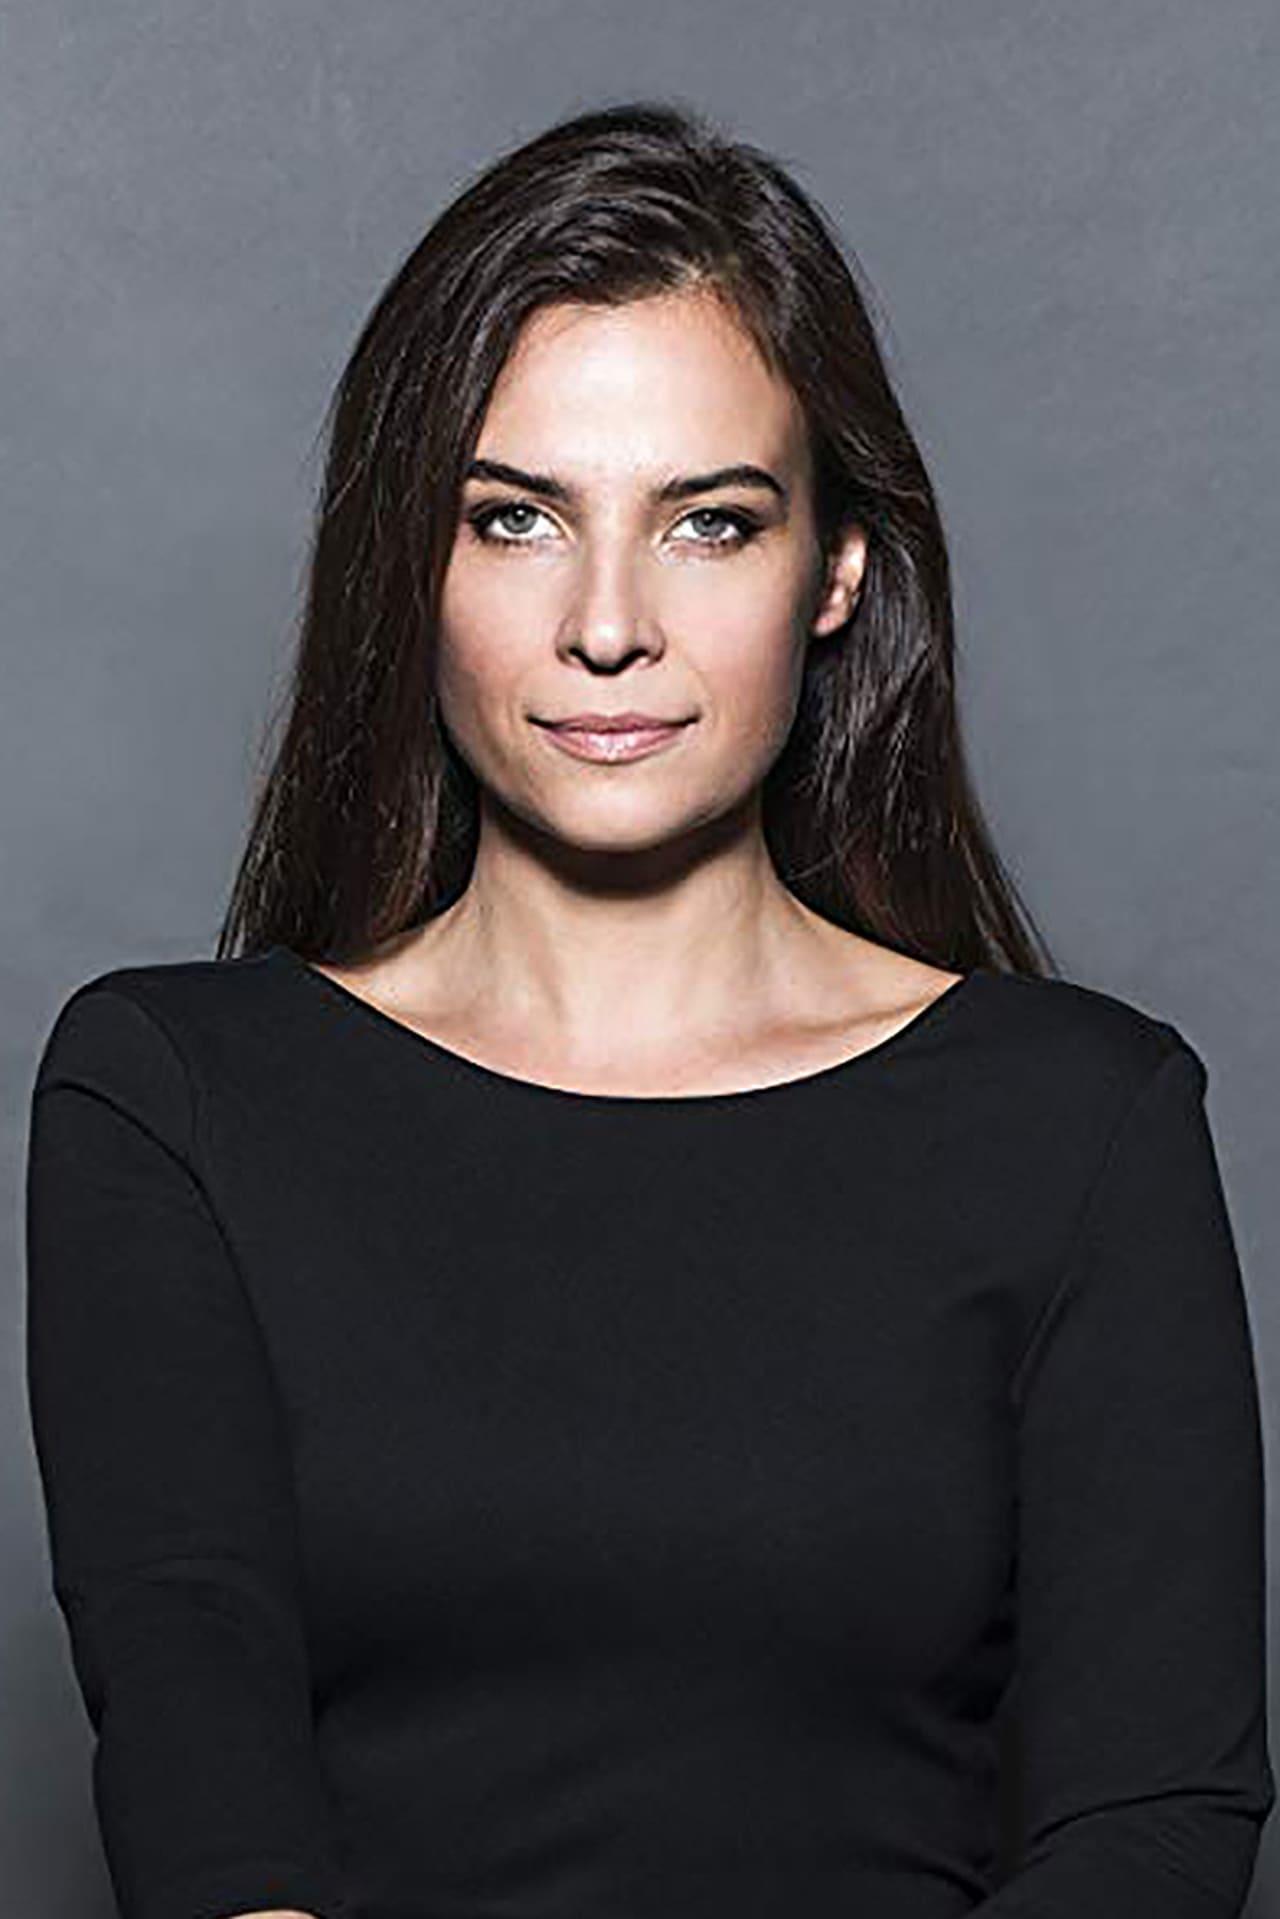 Camilla Arfwedson